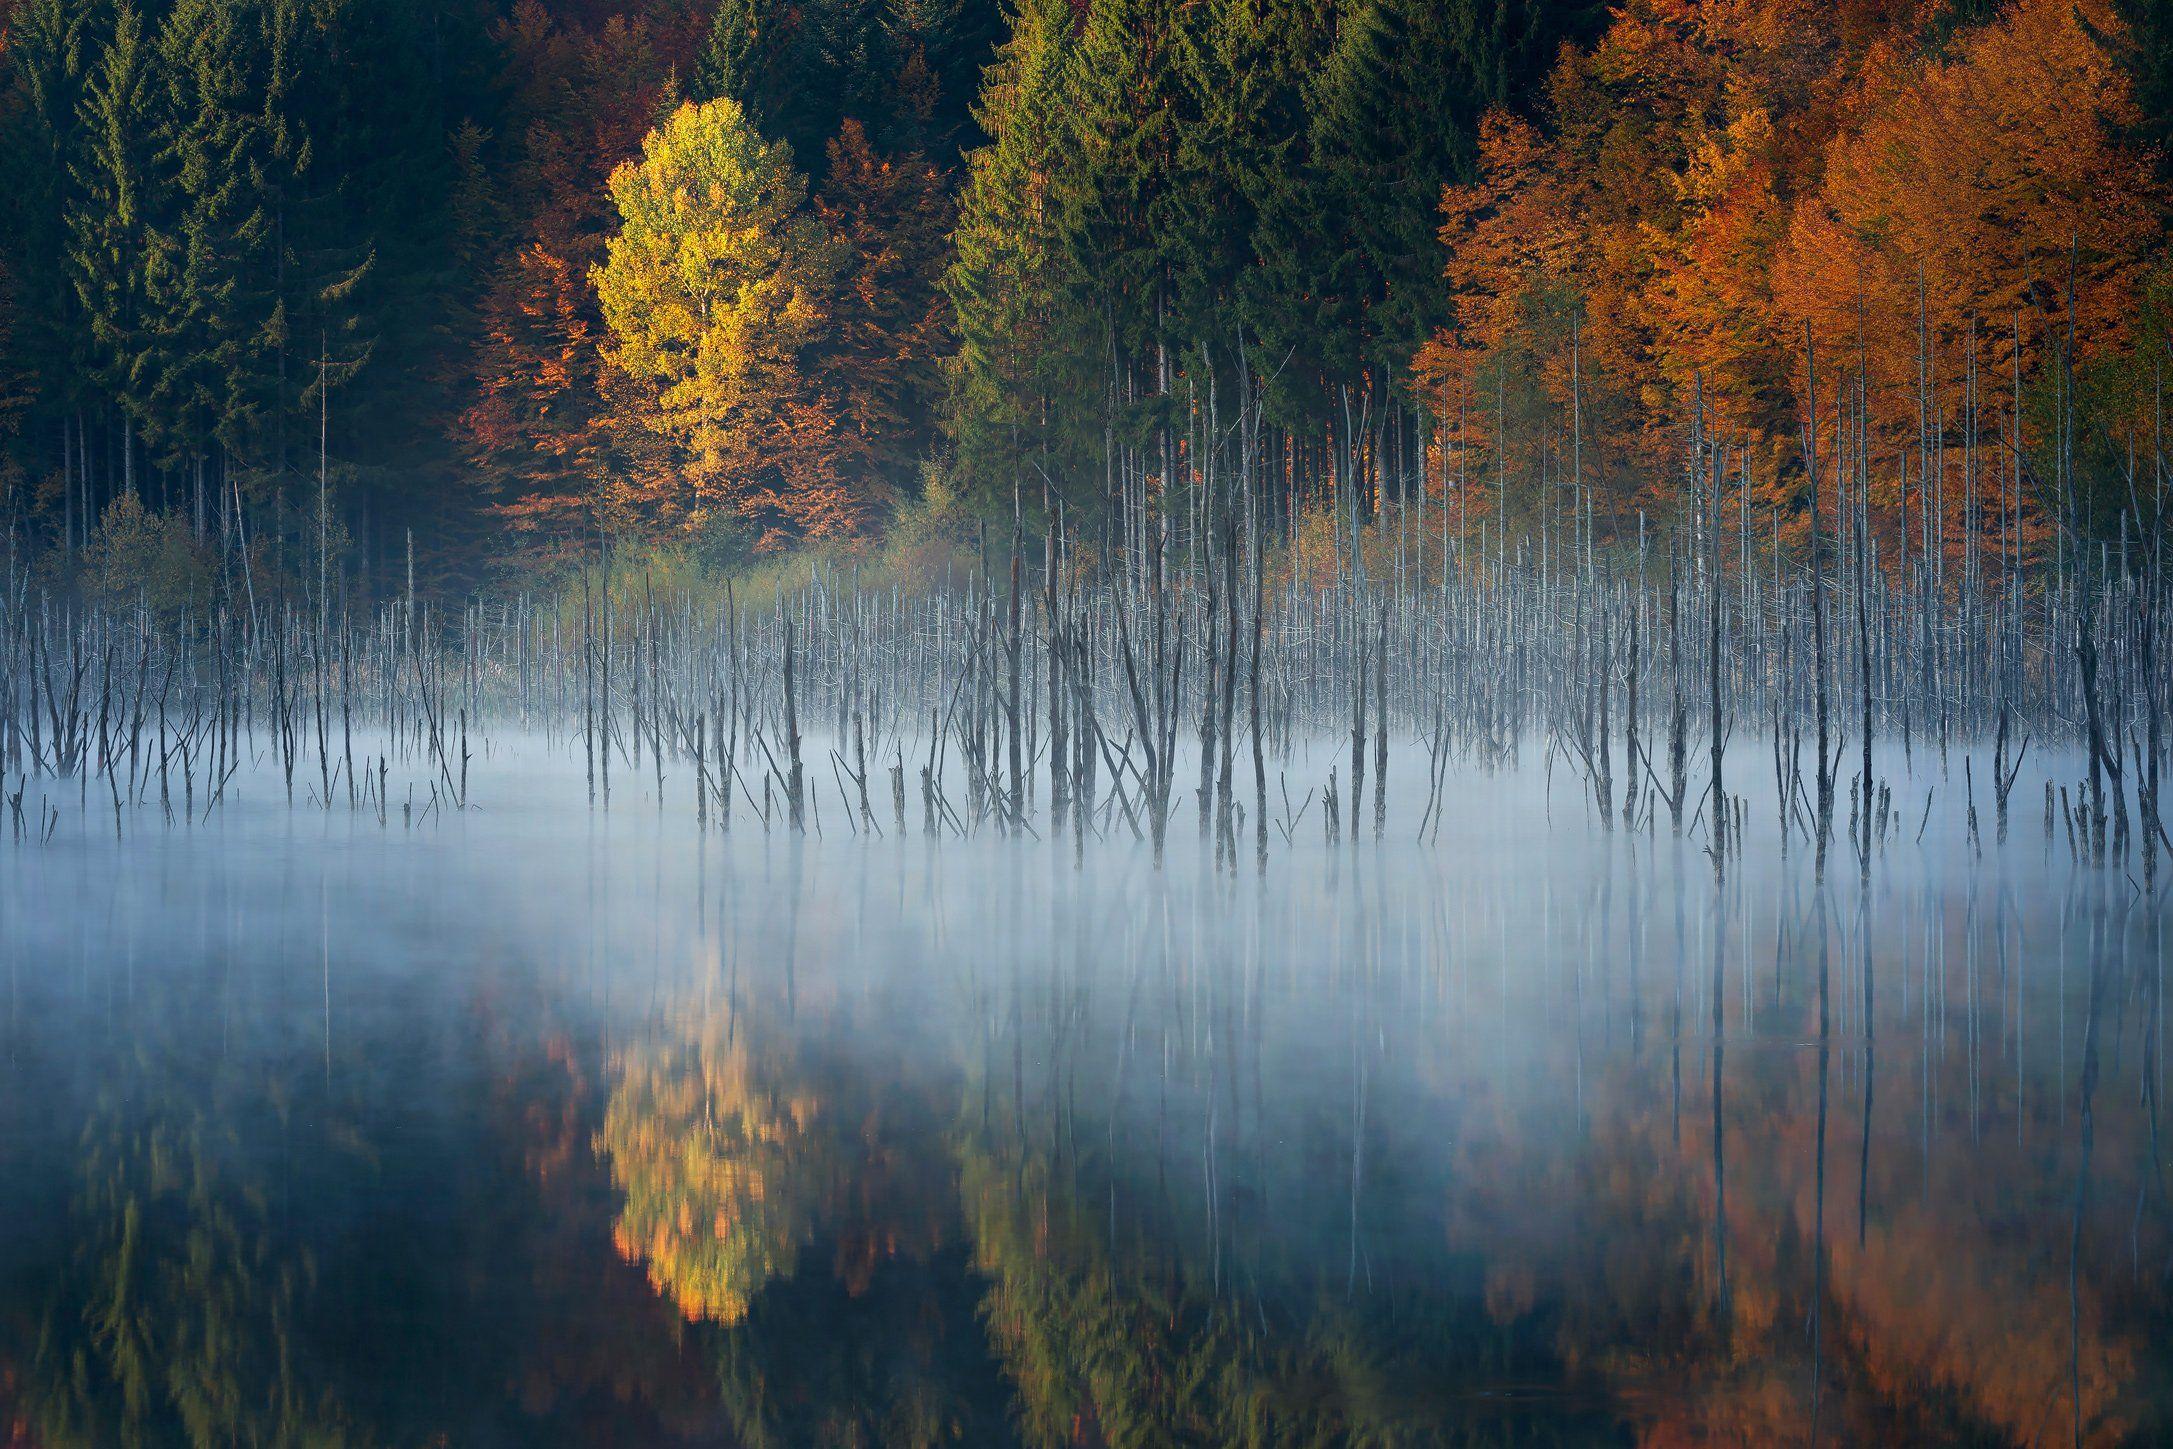 forest, trees, autumn, fog, landscape, travel, nature, mountain ,romania, lake, colors, sunrise, reflection, Lazar Ioan Ovidiu